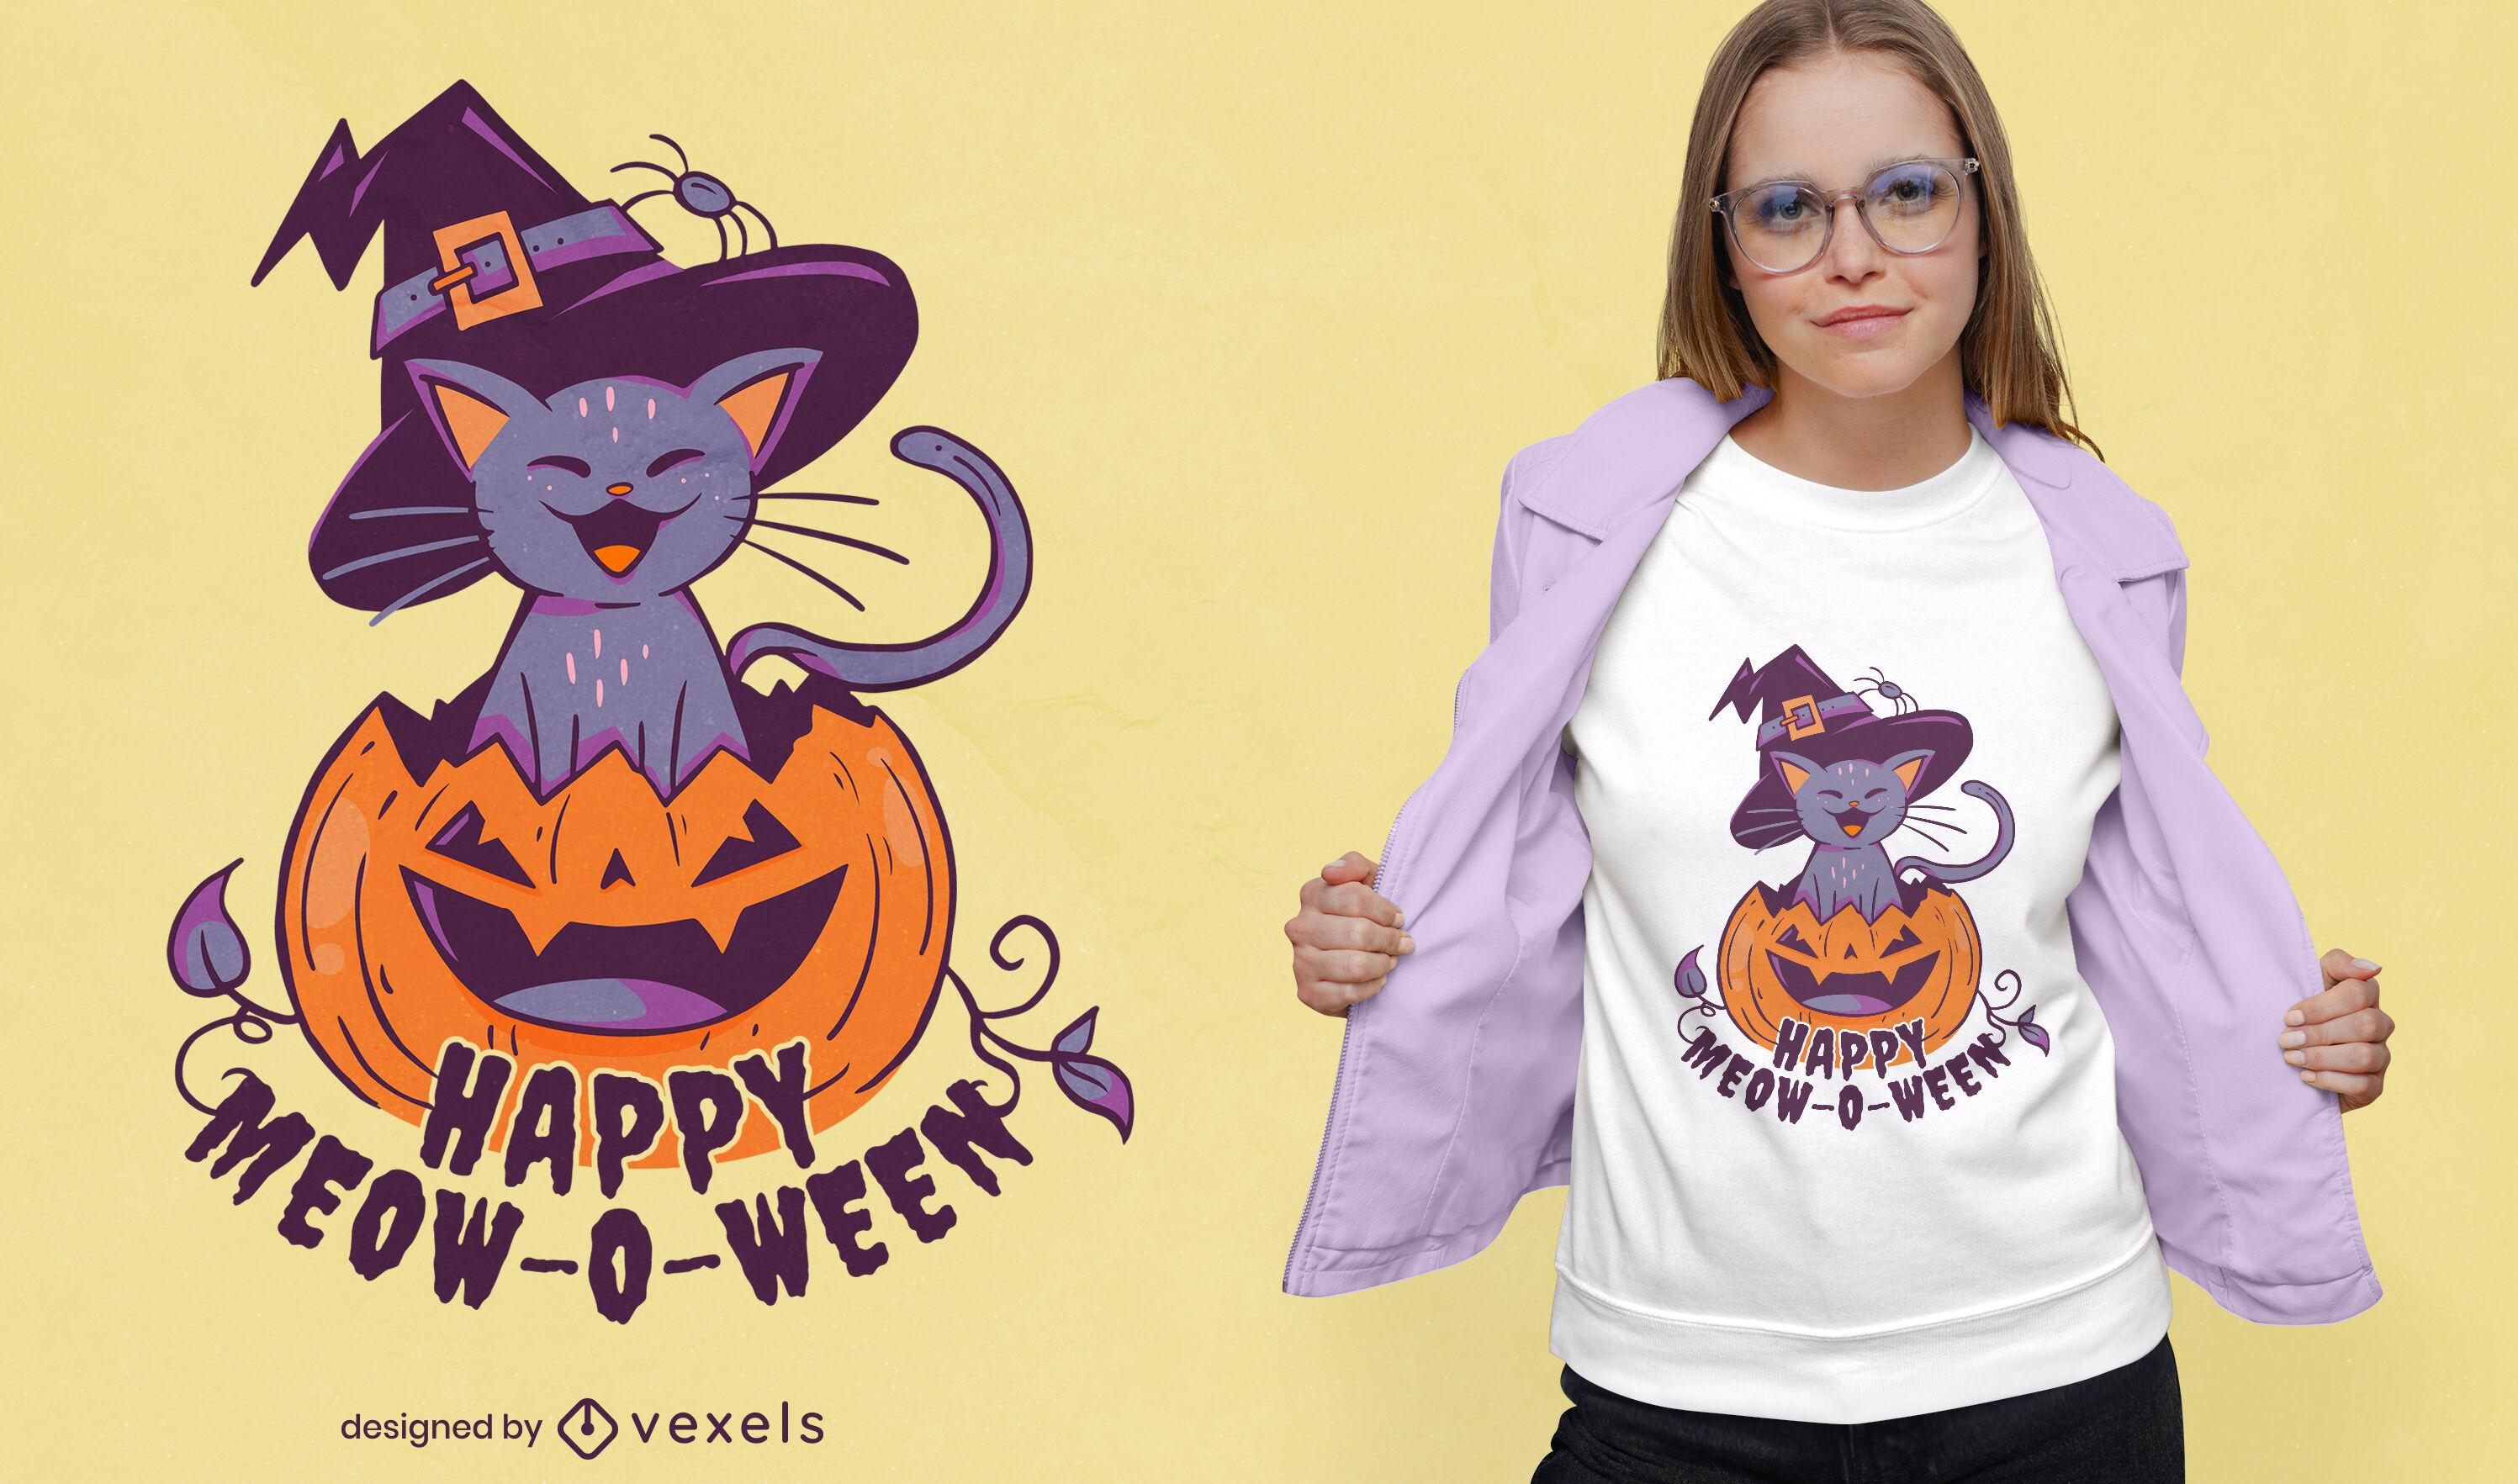 Lindo gato en dise?o de camiseta de halloween de calabaza